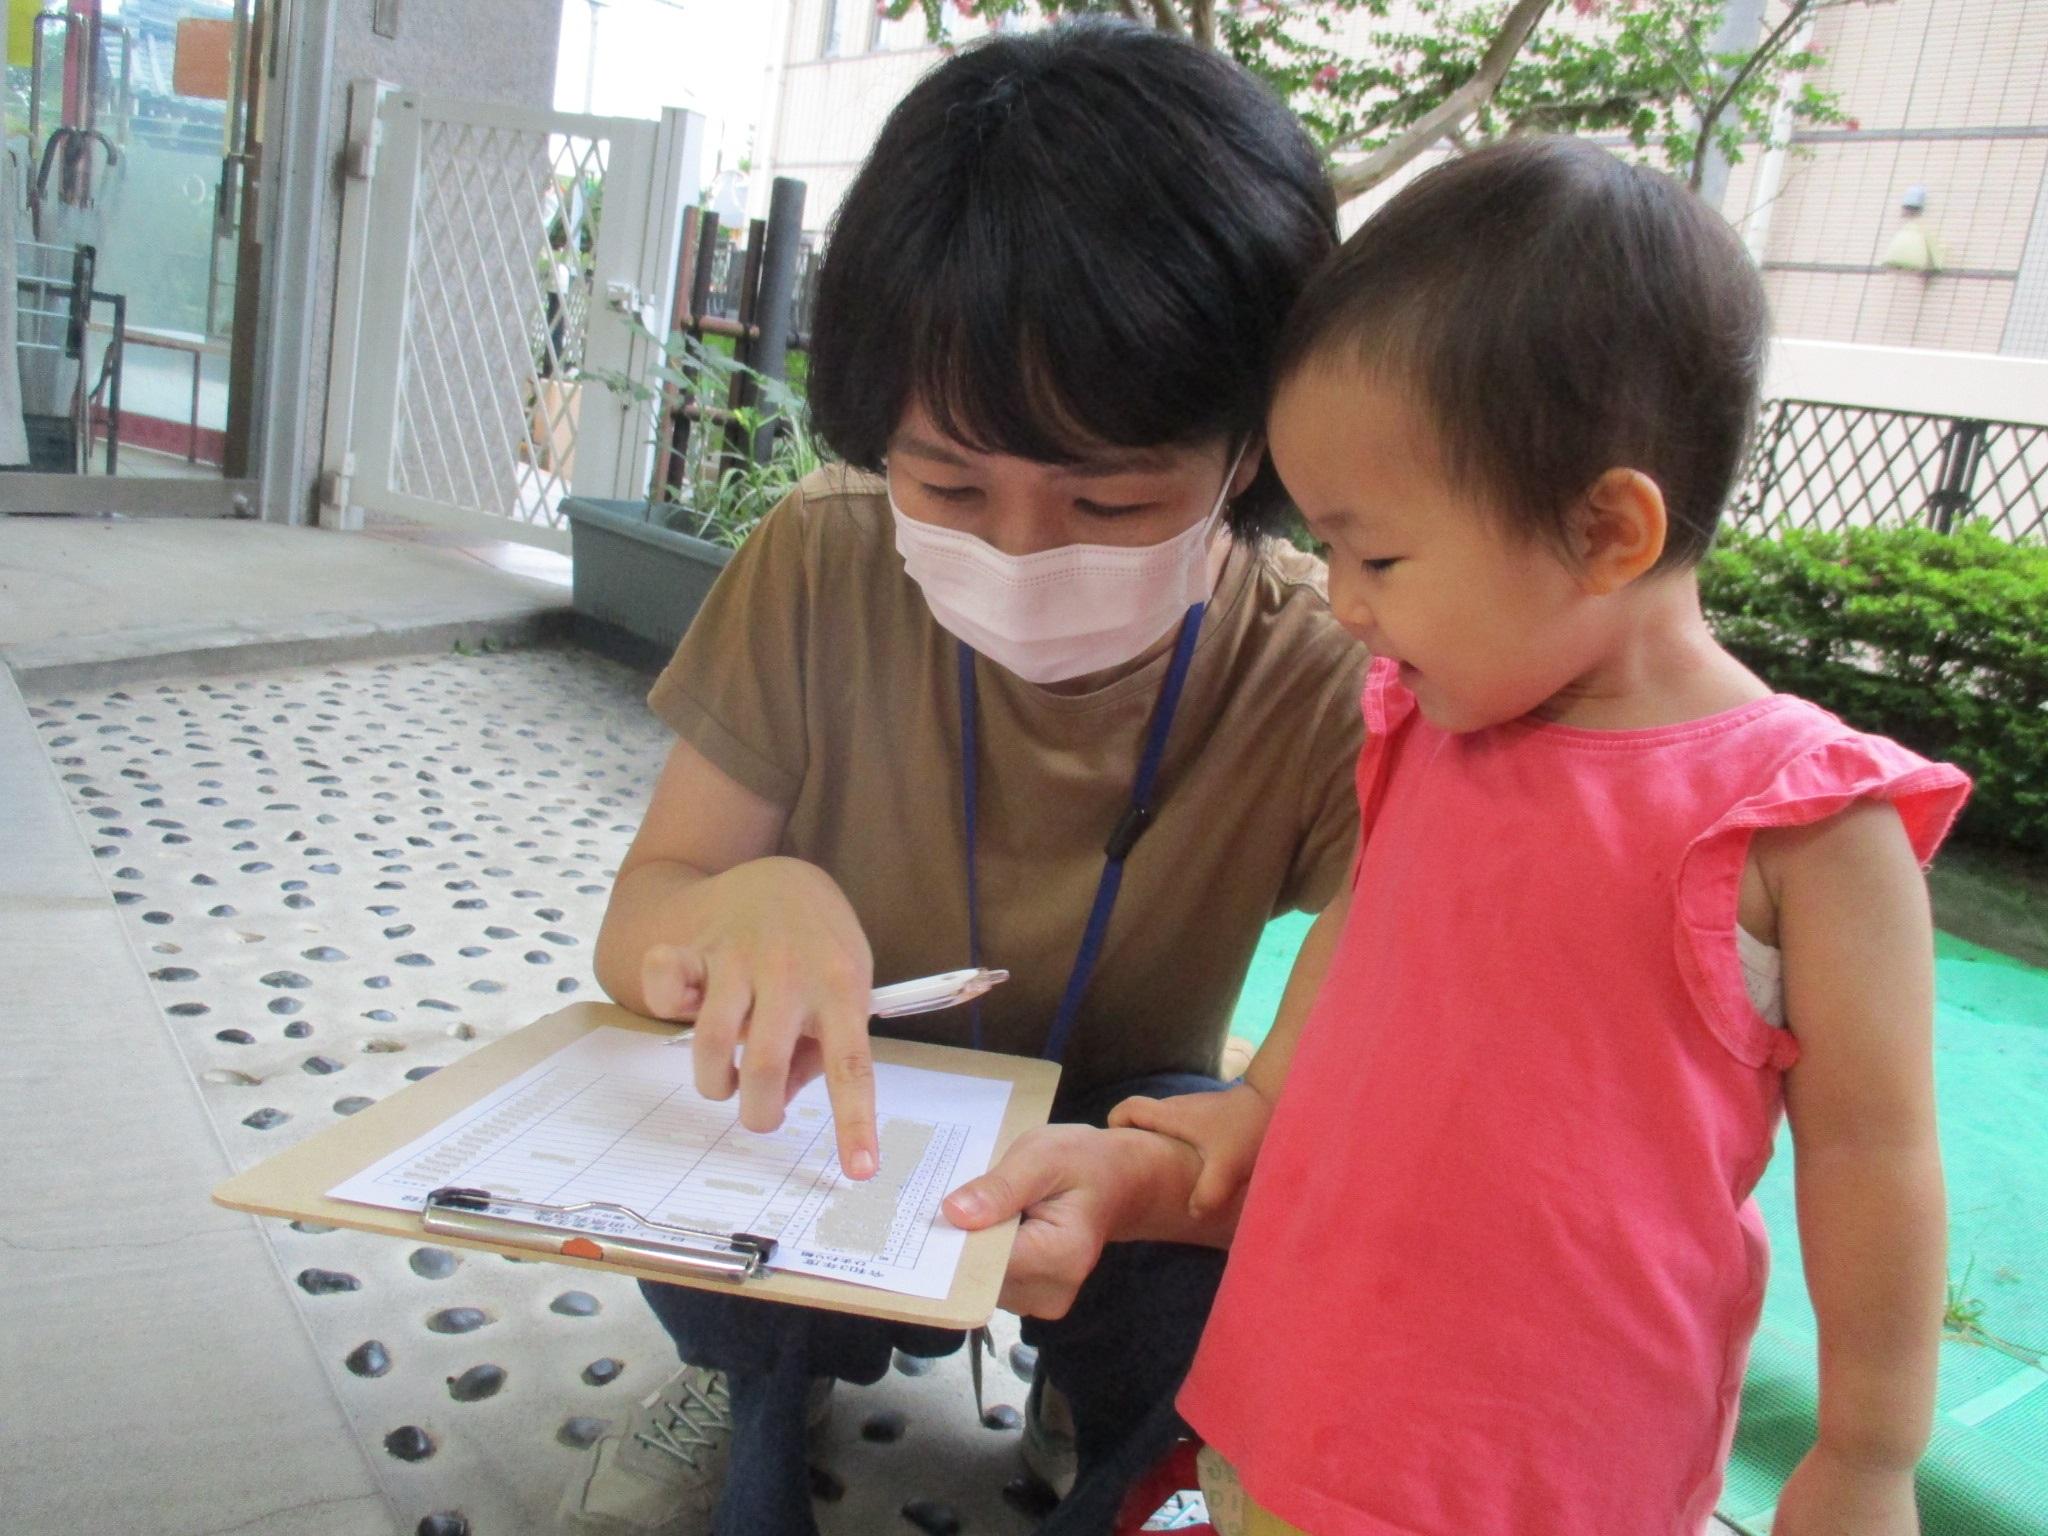 災害時引き渡し名簿に記入する保護者 それを見守る子ども